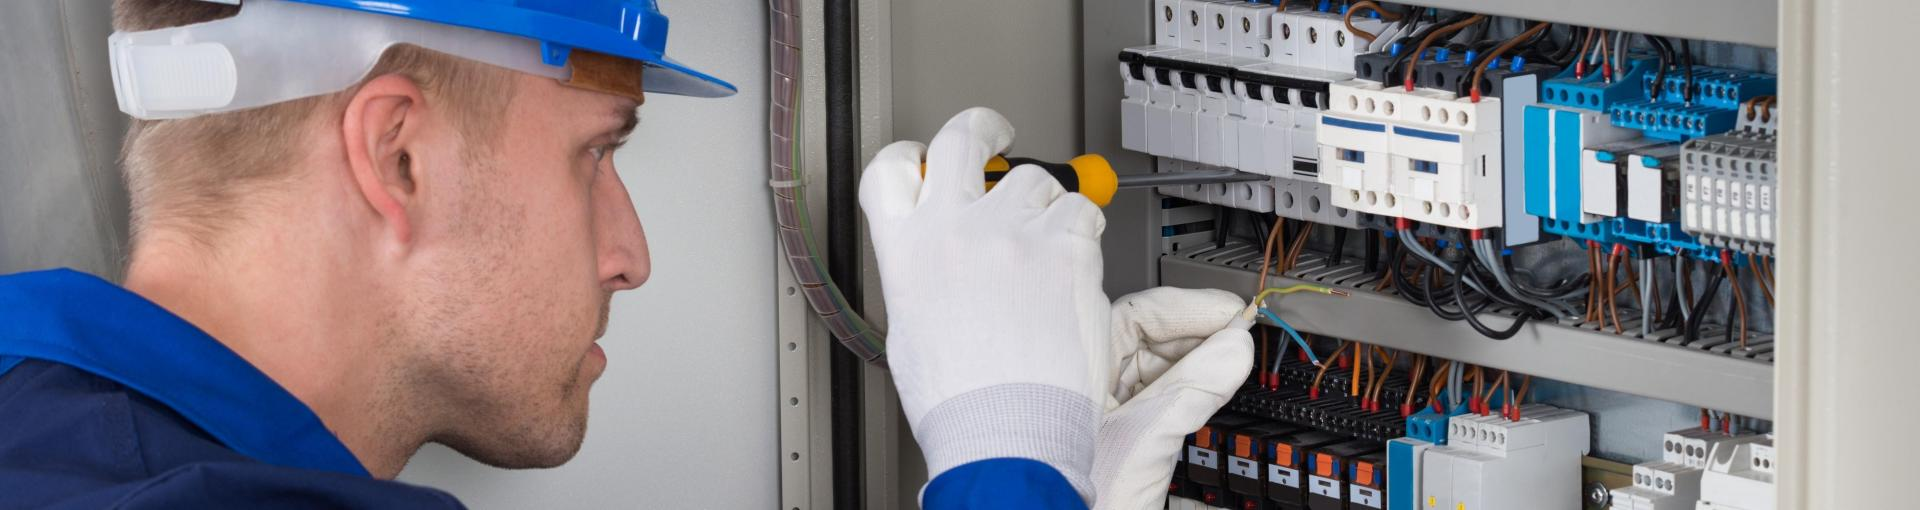 Elektrotechnische installatie